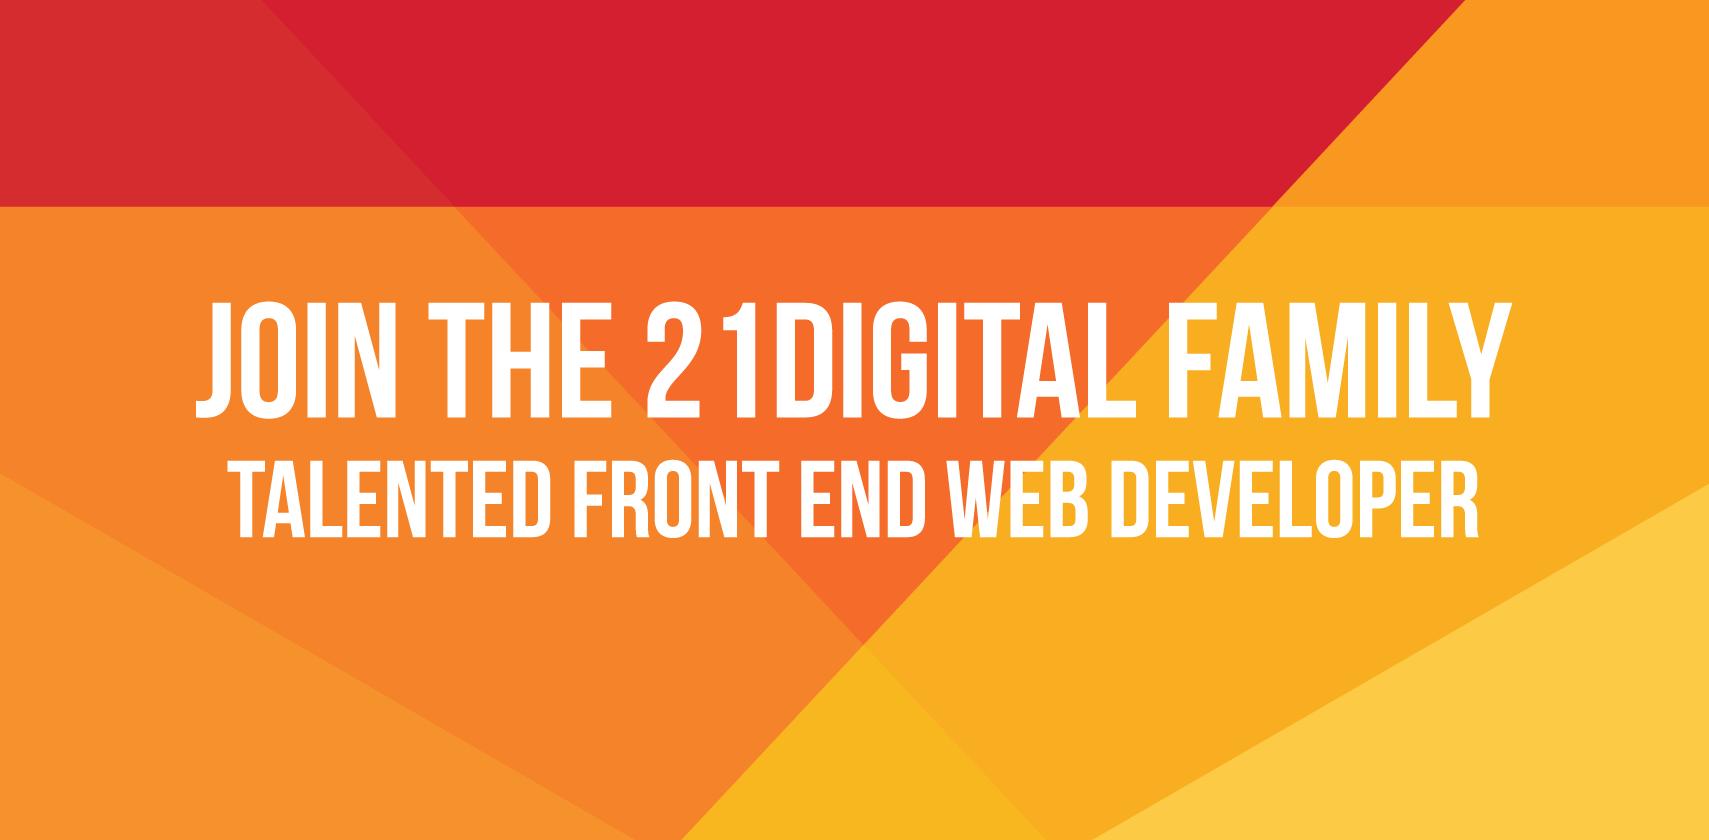 Talented Front End Web Developer